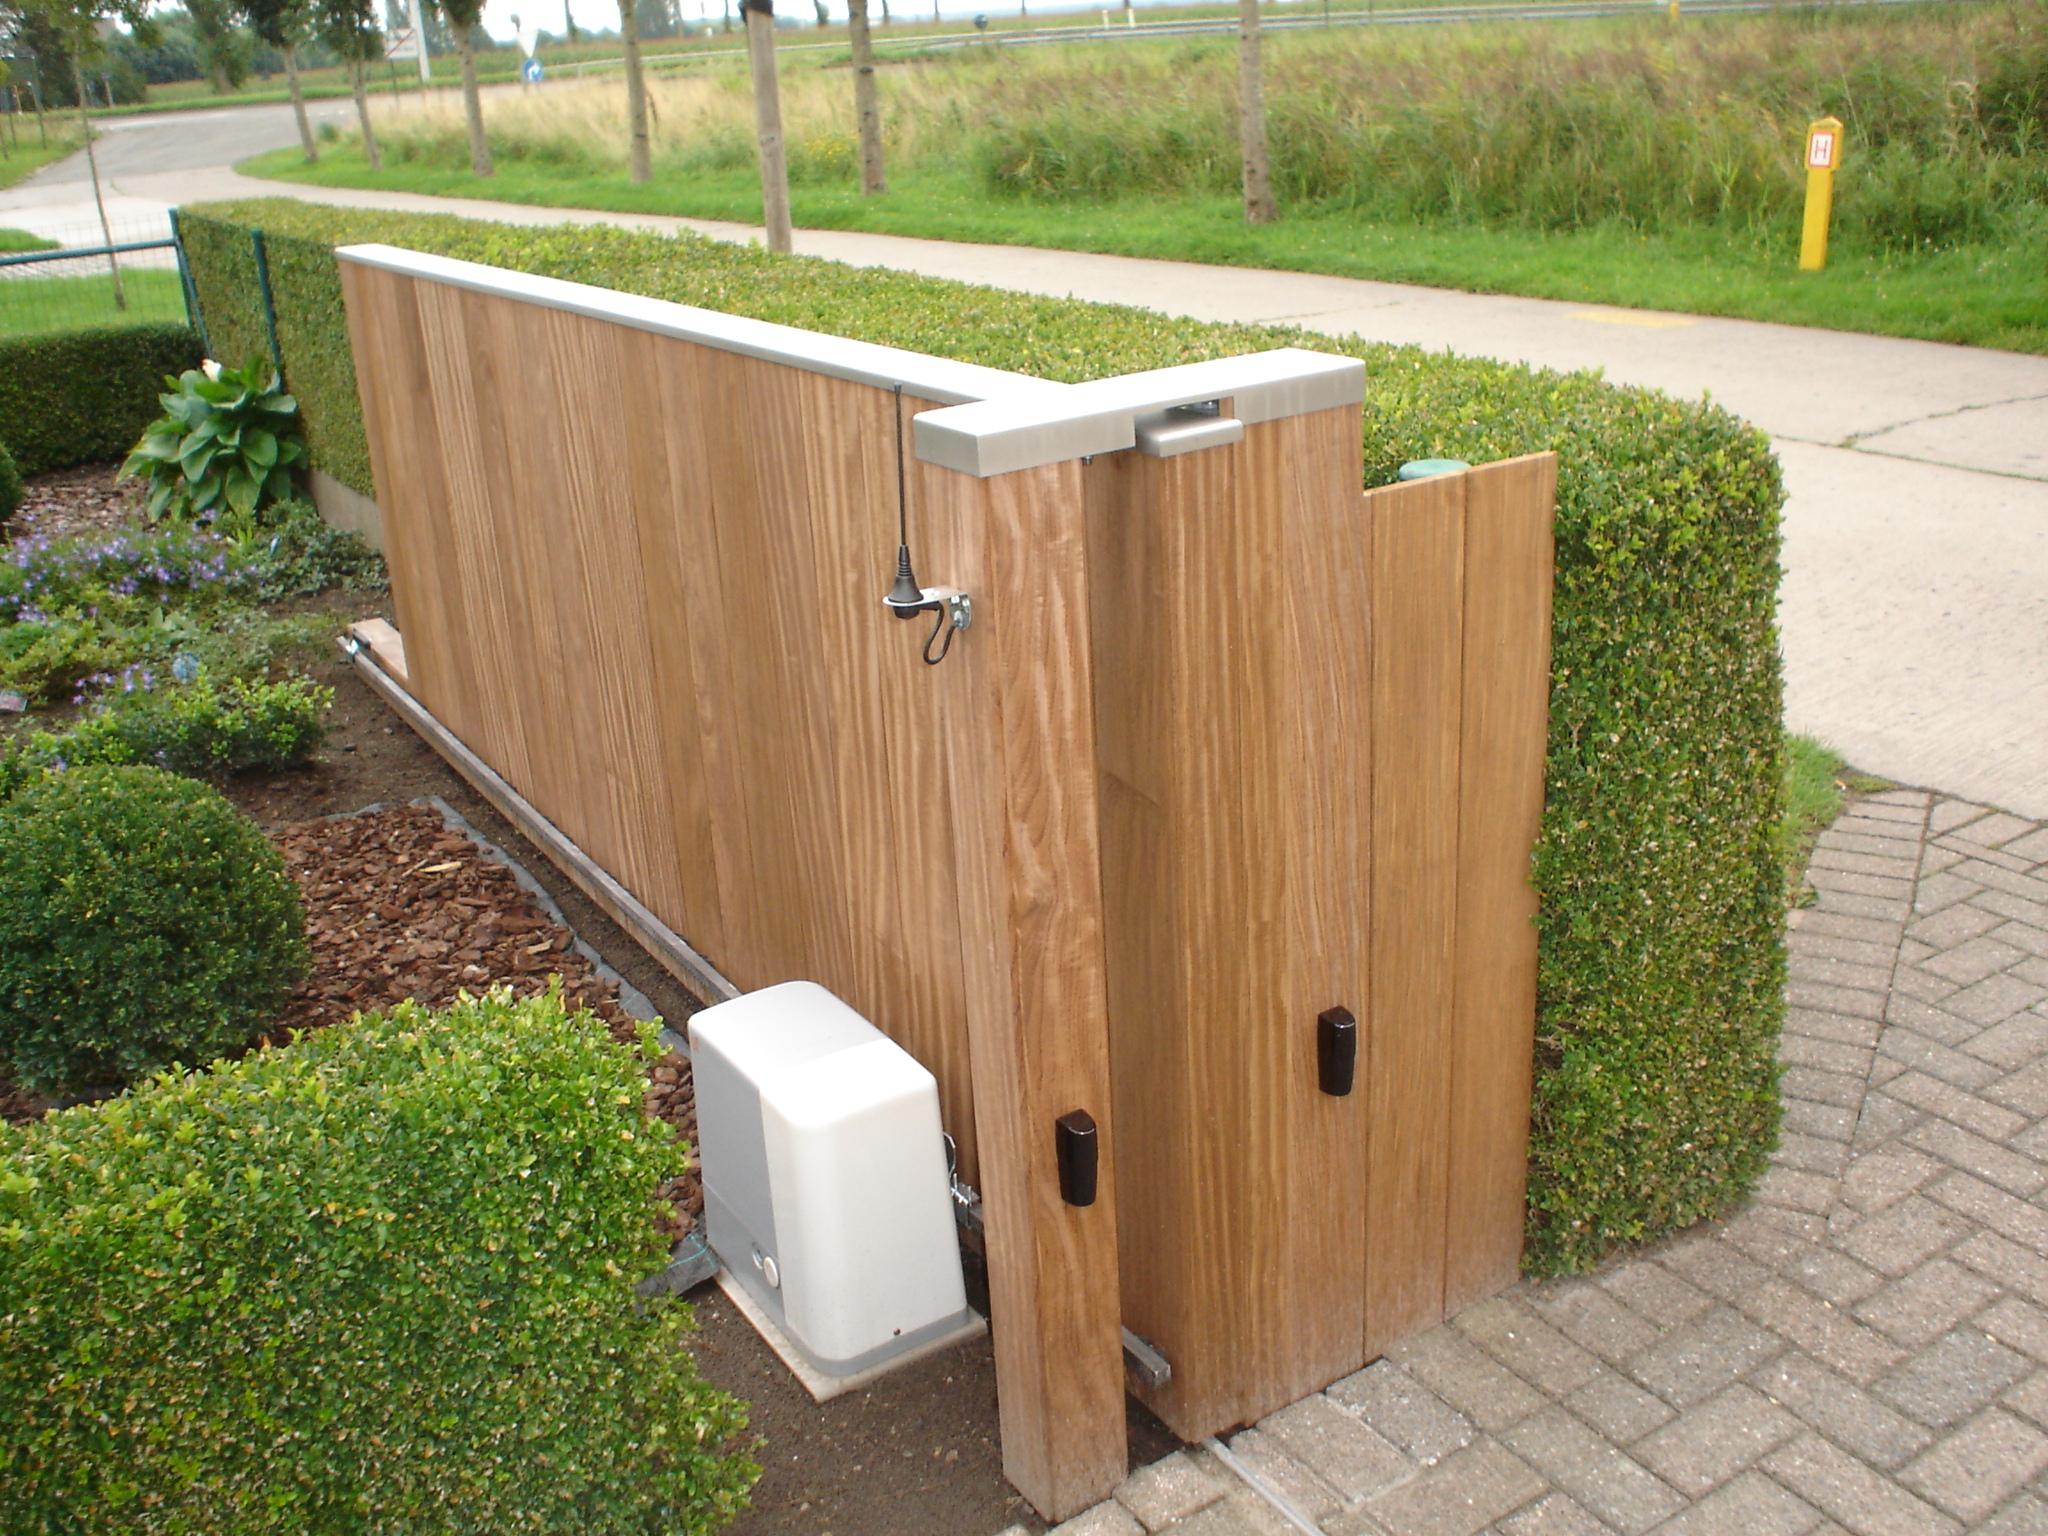 Constructie derijcke bvba poorten hekkens metaalconstructie automatisatie - Idee om uw huis te vergroten ...